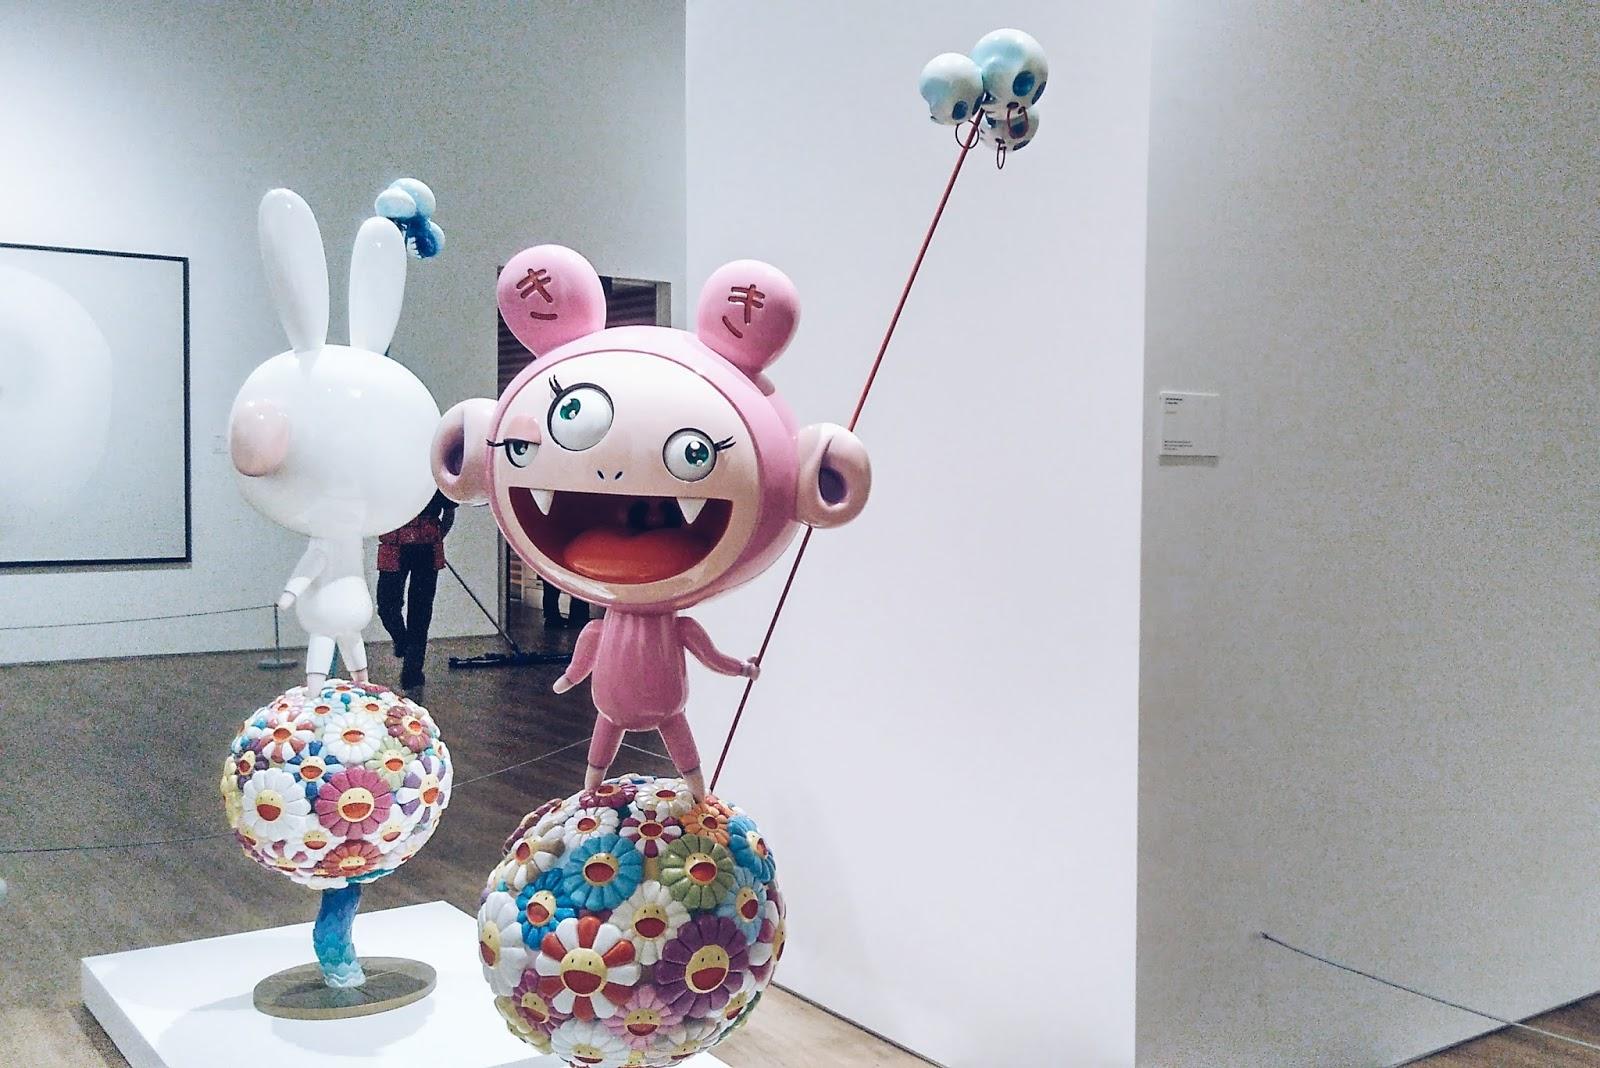 Museum MACAN Tempat Kekinian Dan Instagramable Di Jakarta Barat